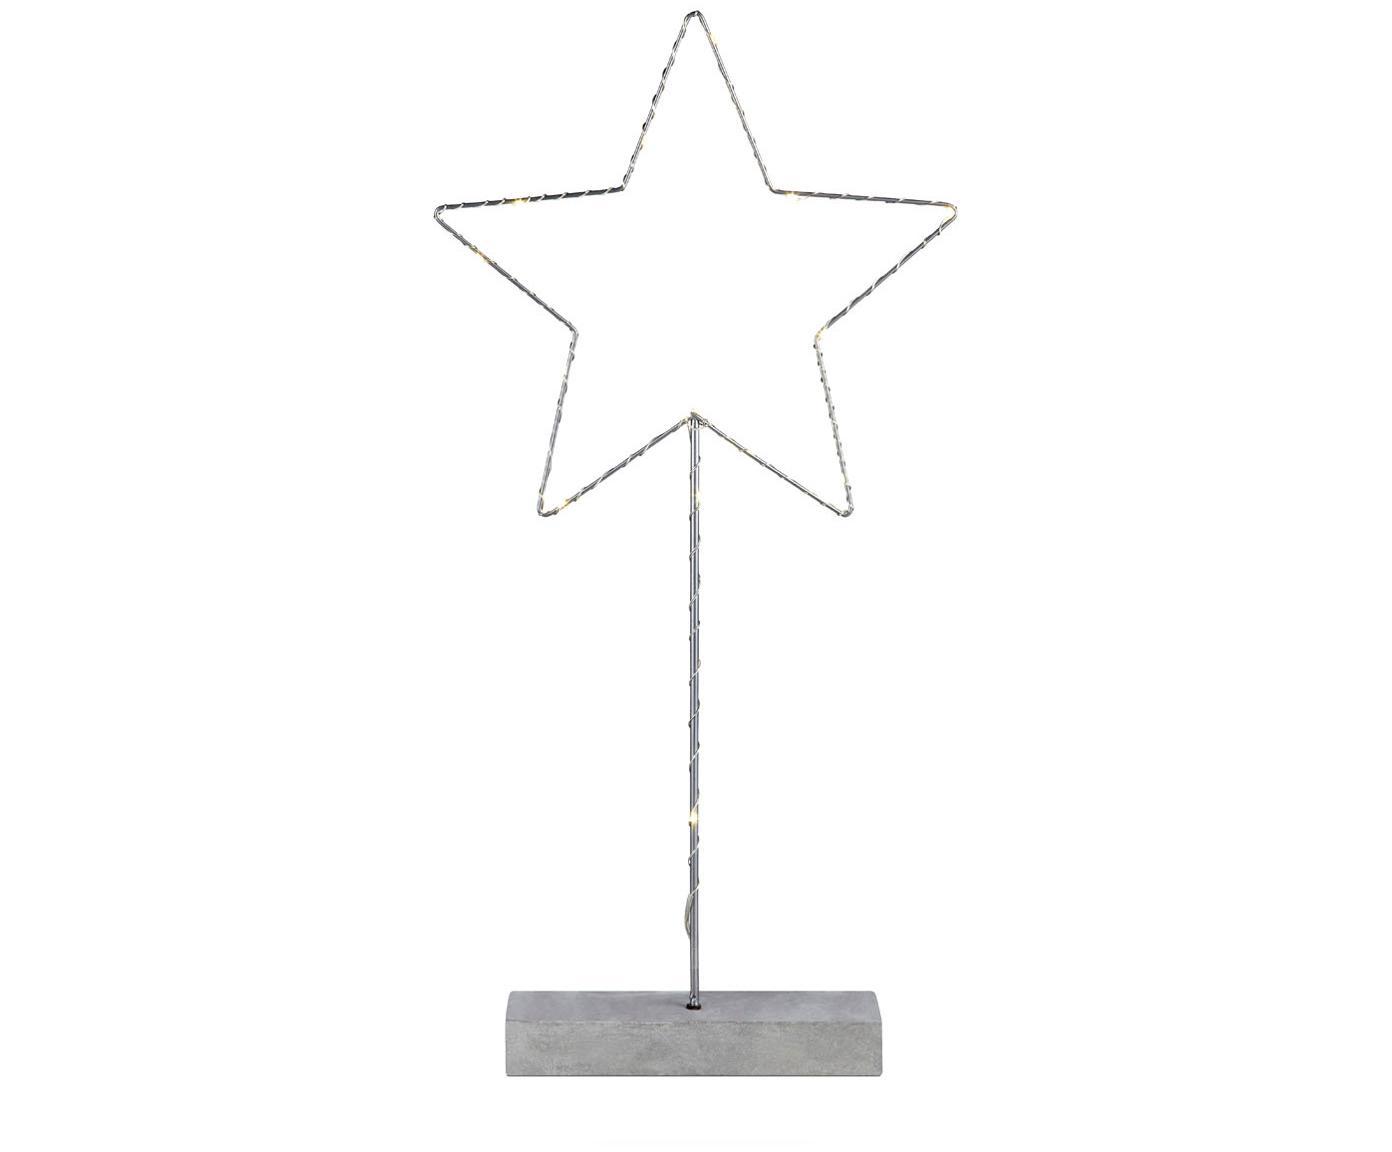 Lampada LED a forma di stella Malin, Metallo verniciato, Grigio, L 26 x A 51 cm